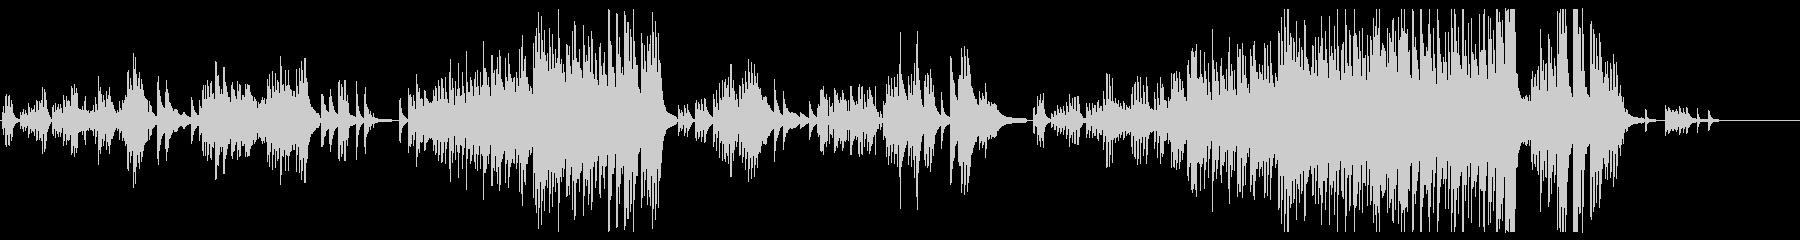 優しく切ないピアノ曲の未再生の波形